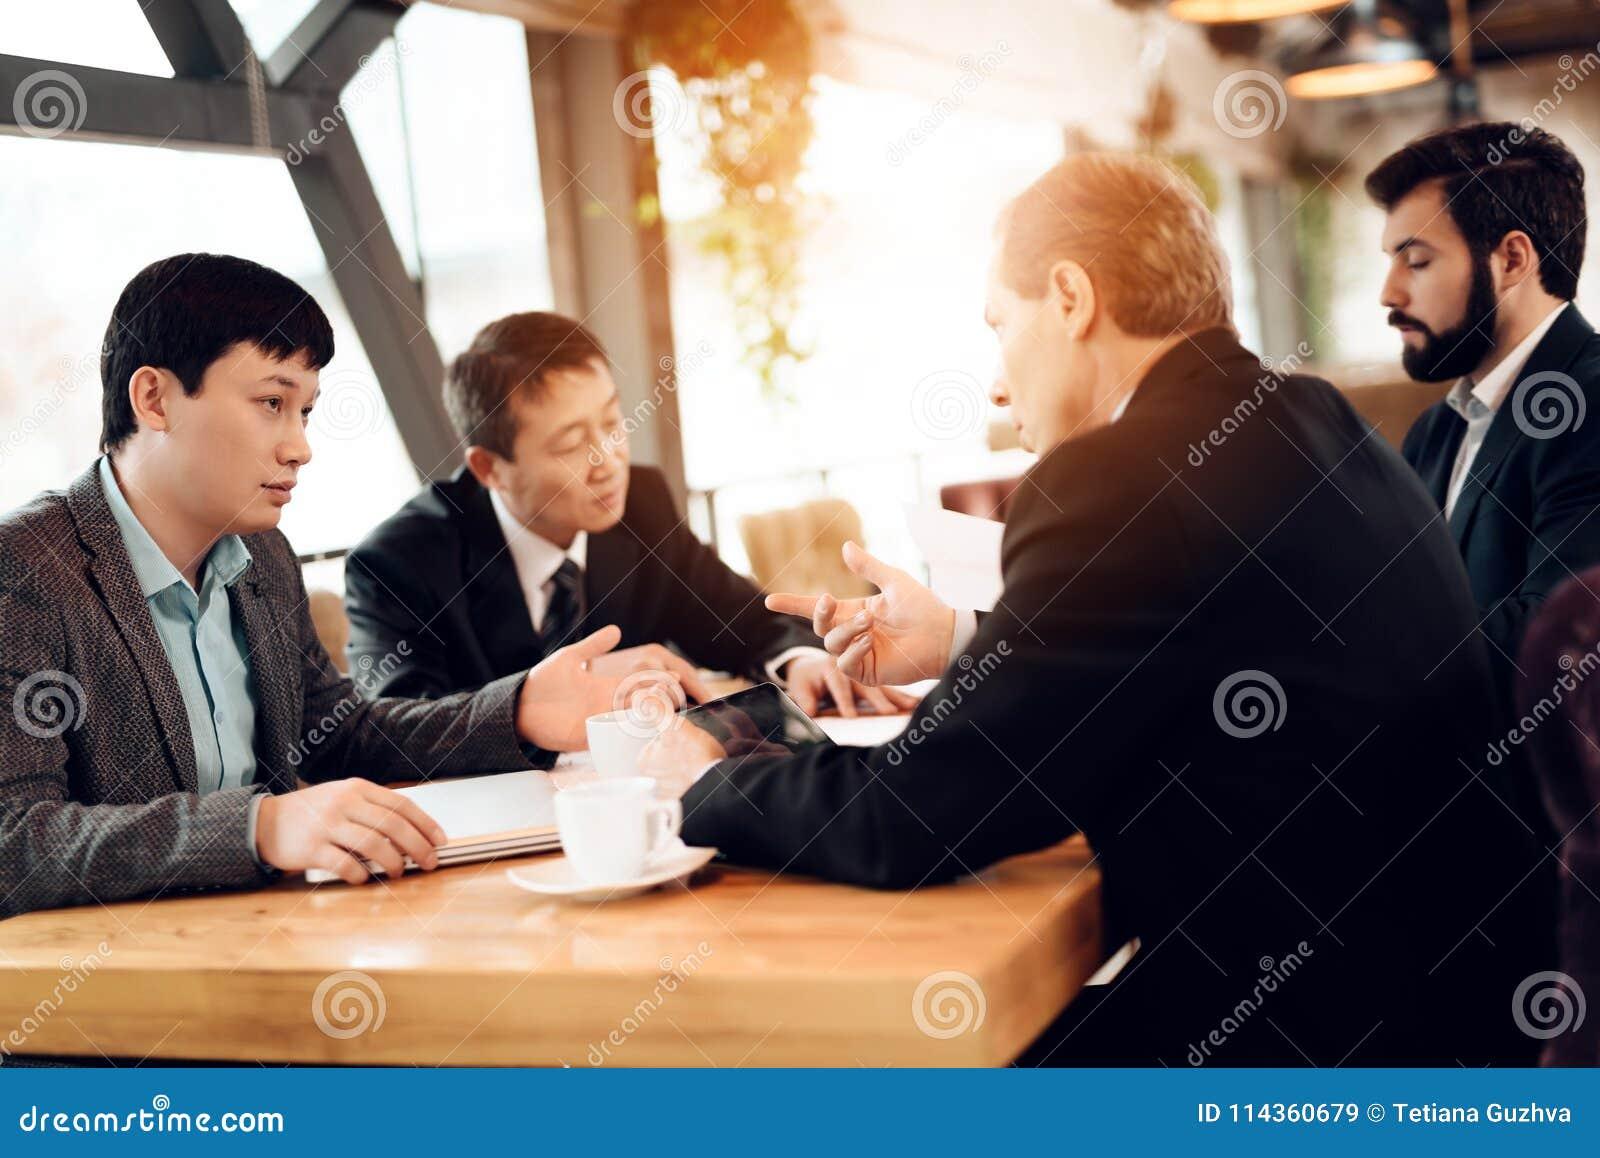 rencontre avec homme d affaire)